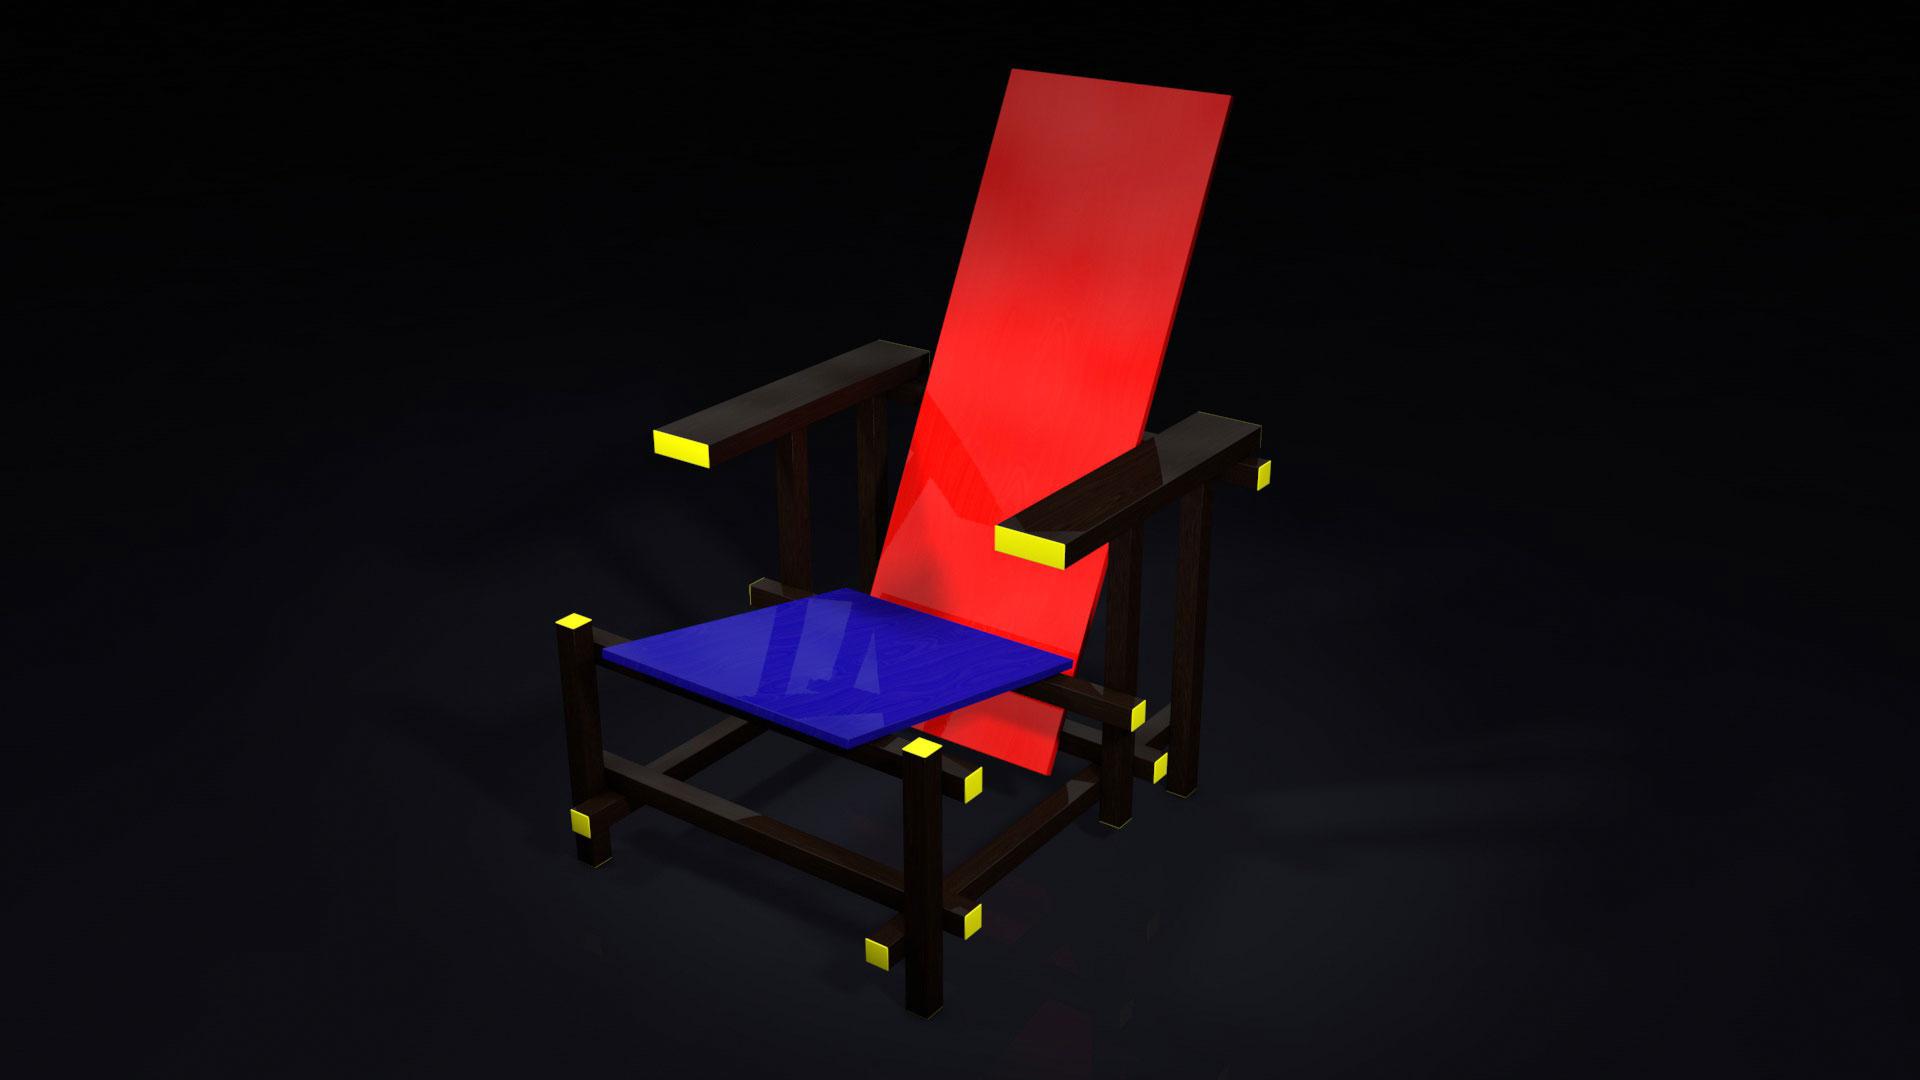 Arnaud gaudin designer d 39 espace concepteur etudiant en architecture - La chaise rouge et bleue ...